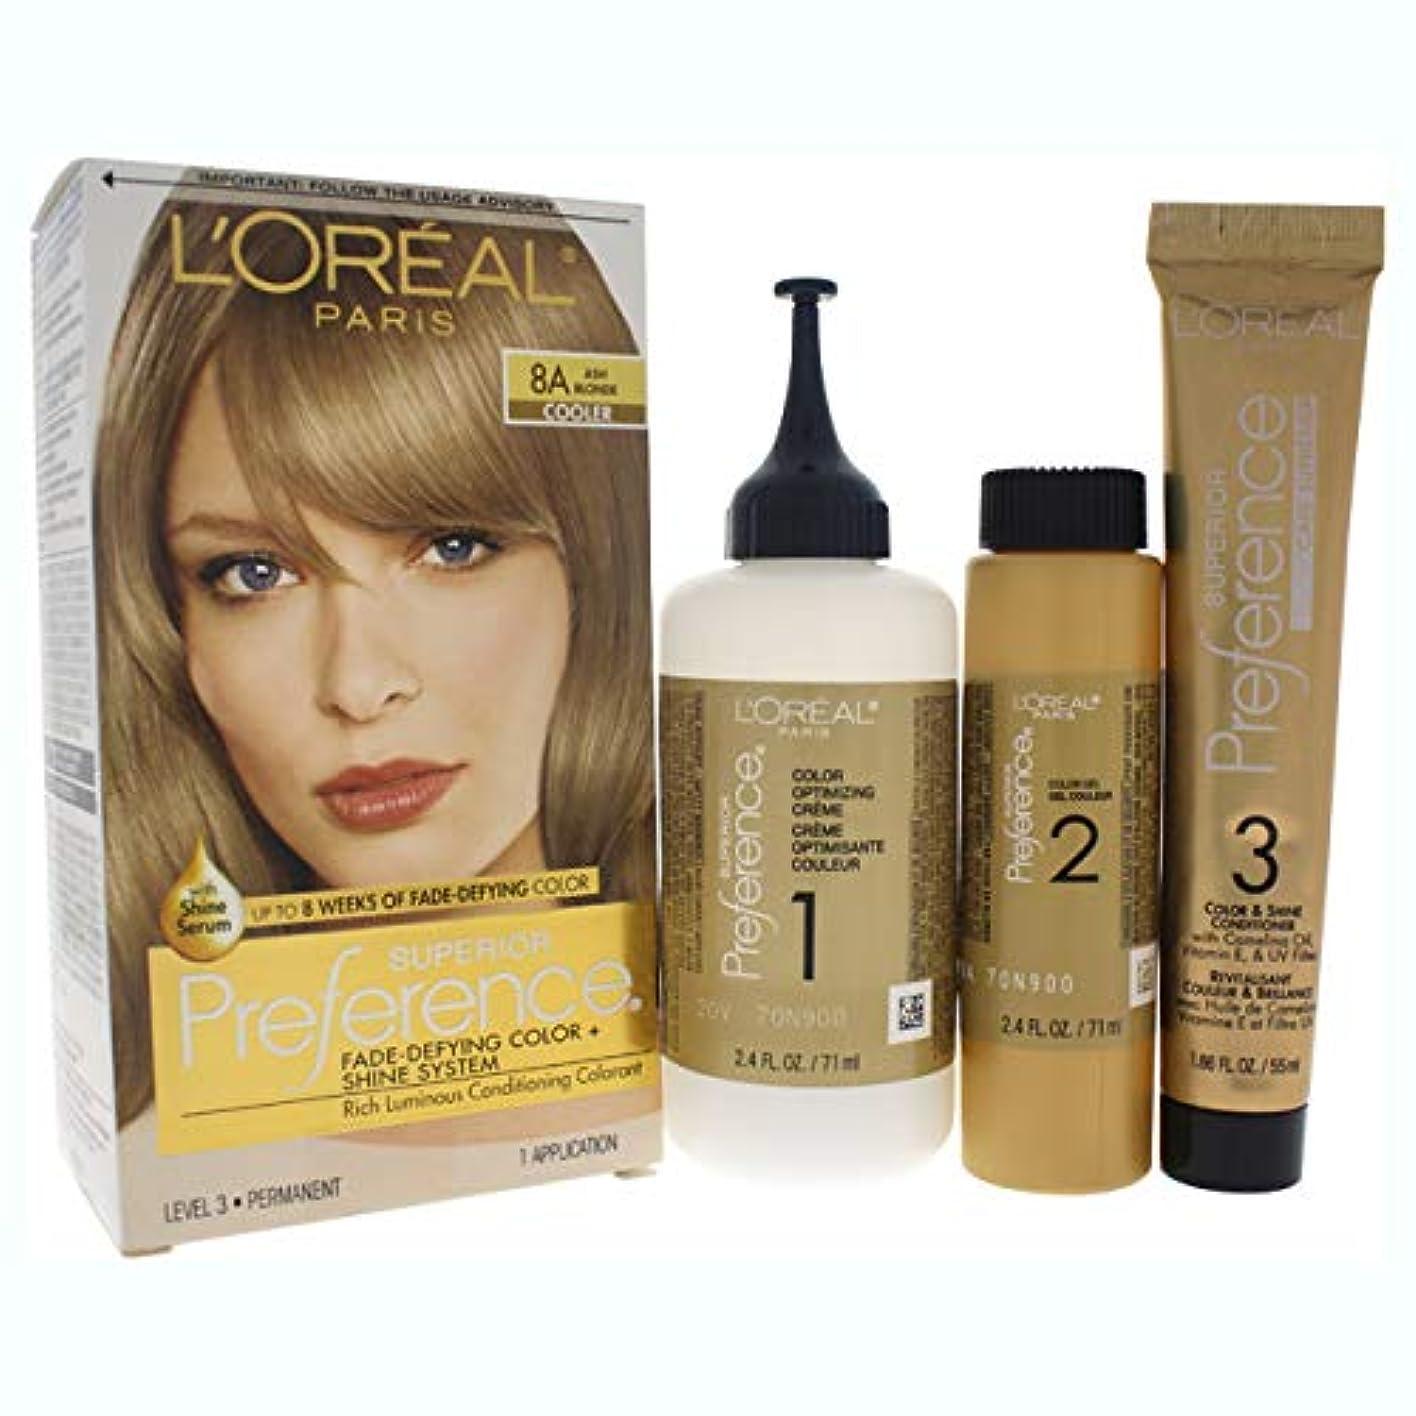 ドック貞認知L'Oreal Paris 県Haircol 8Aサイズ1CTロレアルプリファレンスヘアカラーアッシュブロンド#8(a)